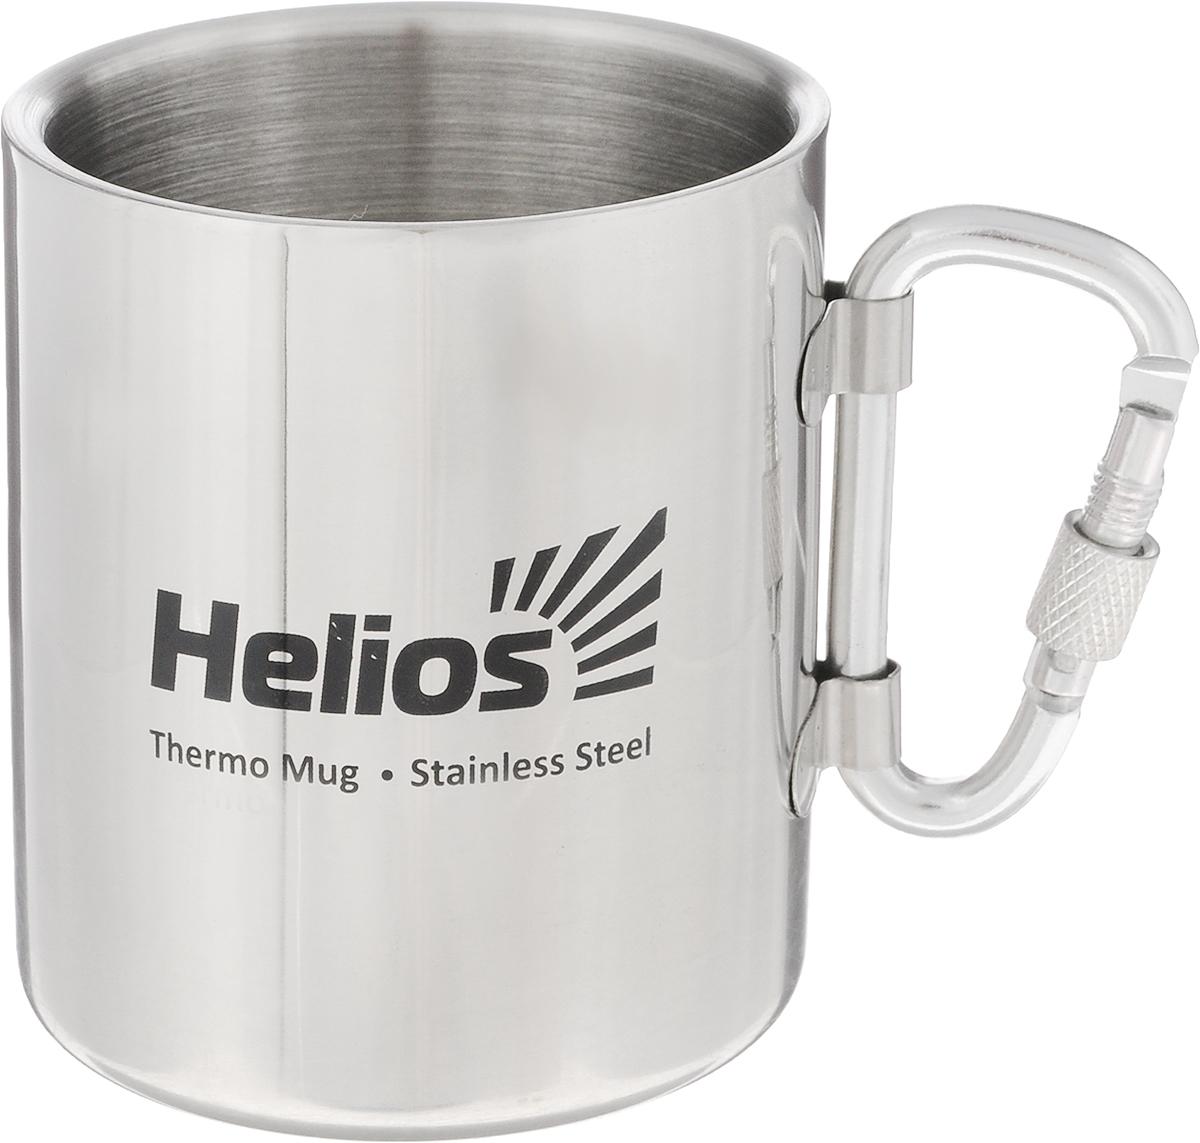 Термокружка Helios HS TK-005, со складной ручкой-карабином, 230 мл128982Термокружка Helios HS TK-005 предназначена специально для горячих и холодных напитков. Она изготовлена из высококачественной нержавеющей стали. Двойная стенка гарантирует долгое сохранение температуры и убережет от ожогов при заваривании чая или кофе. Кружка имеет складную ручку-карабин, которая не нагревается и позволяет подвесить кружку на рюкзак или на ремень. Такая кружка прекрасно сохраняет свою целостность и первозданный вид даже при многократном использовании. Диаметр кружки (по верхнему краю): 7 см. Высота кружки: 8 см.